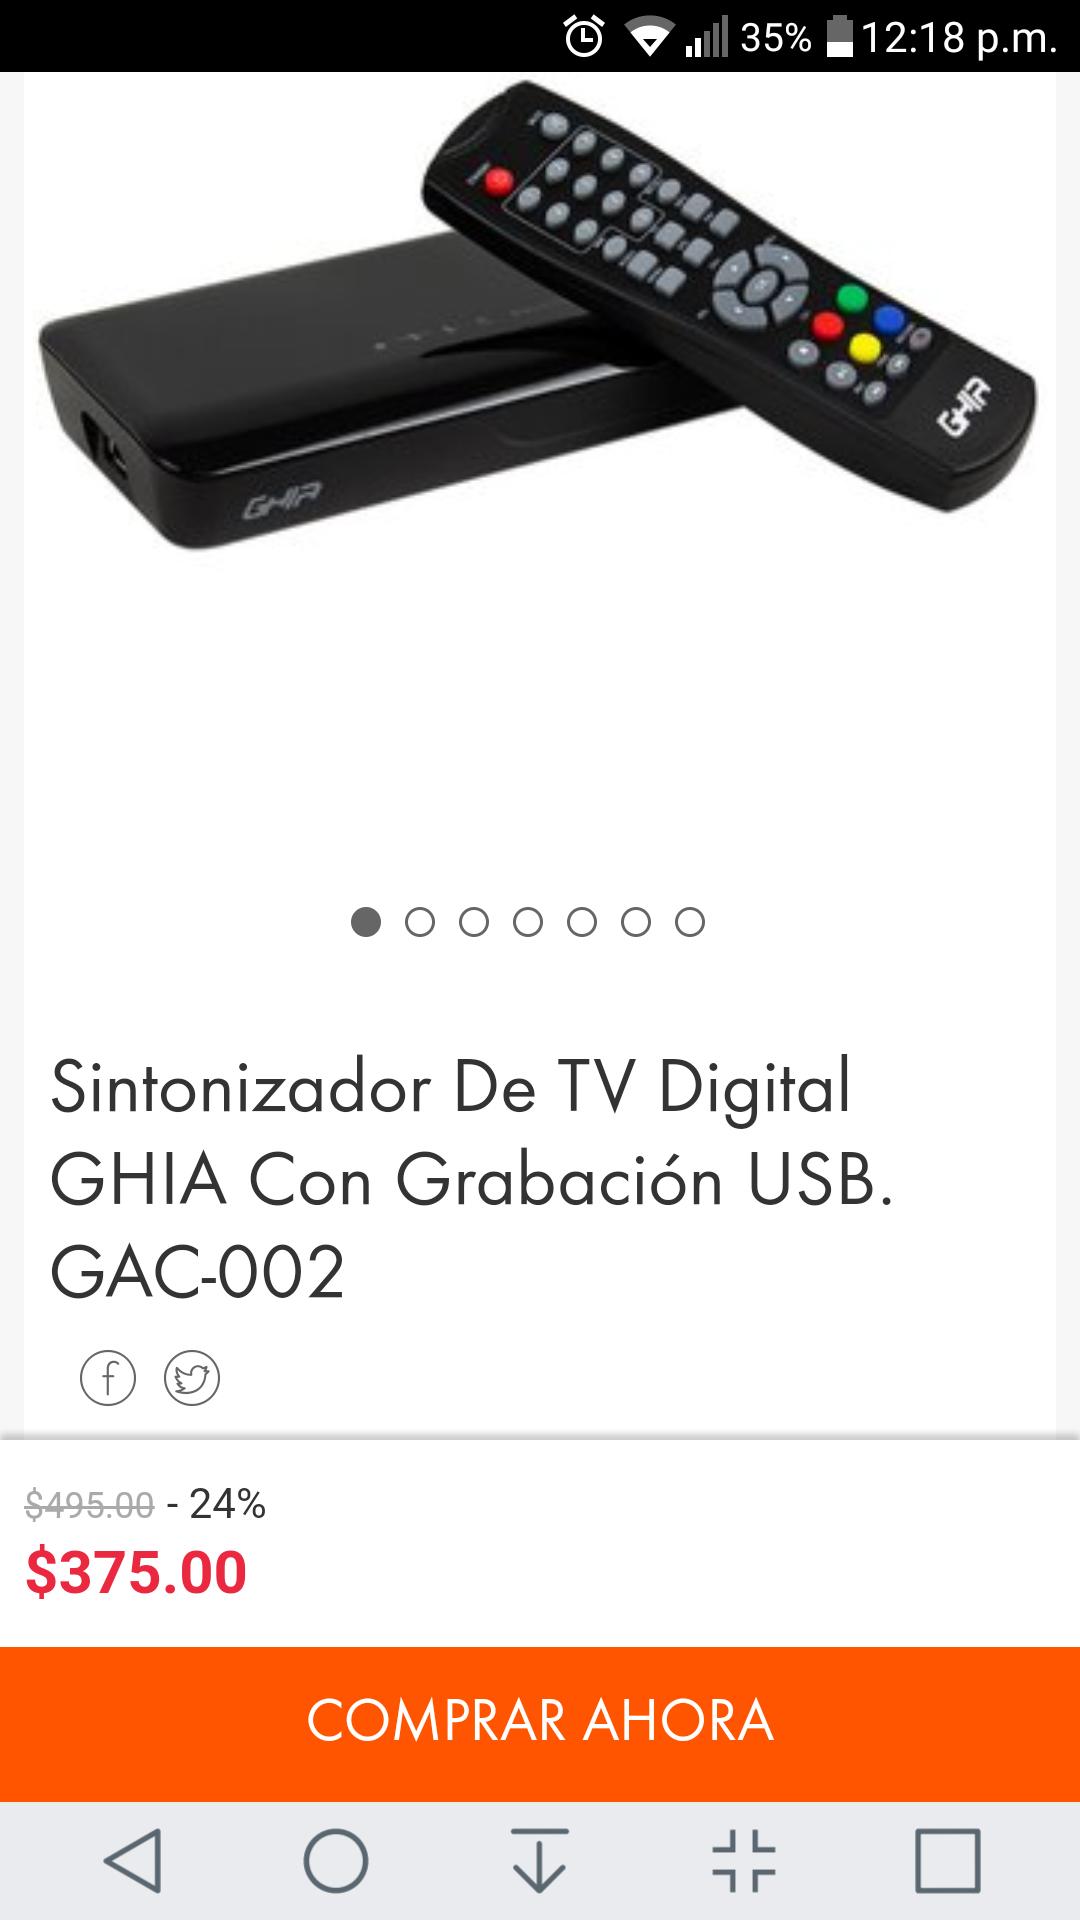 Linio: Decodificador tv hd marca Ghia